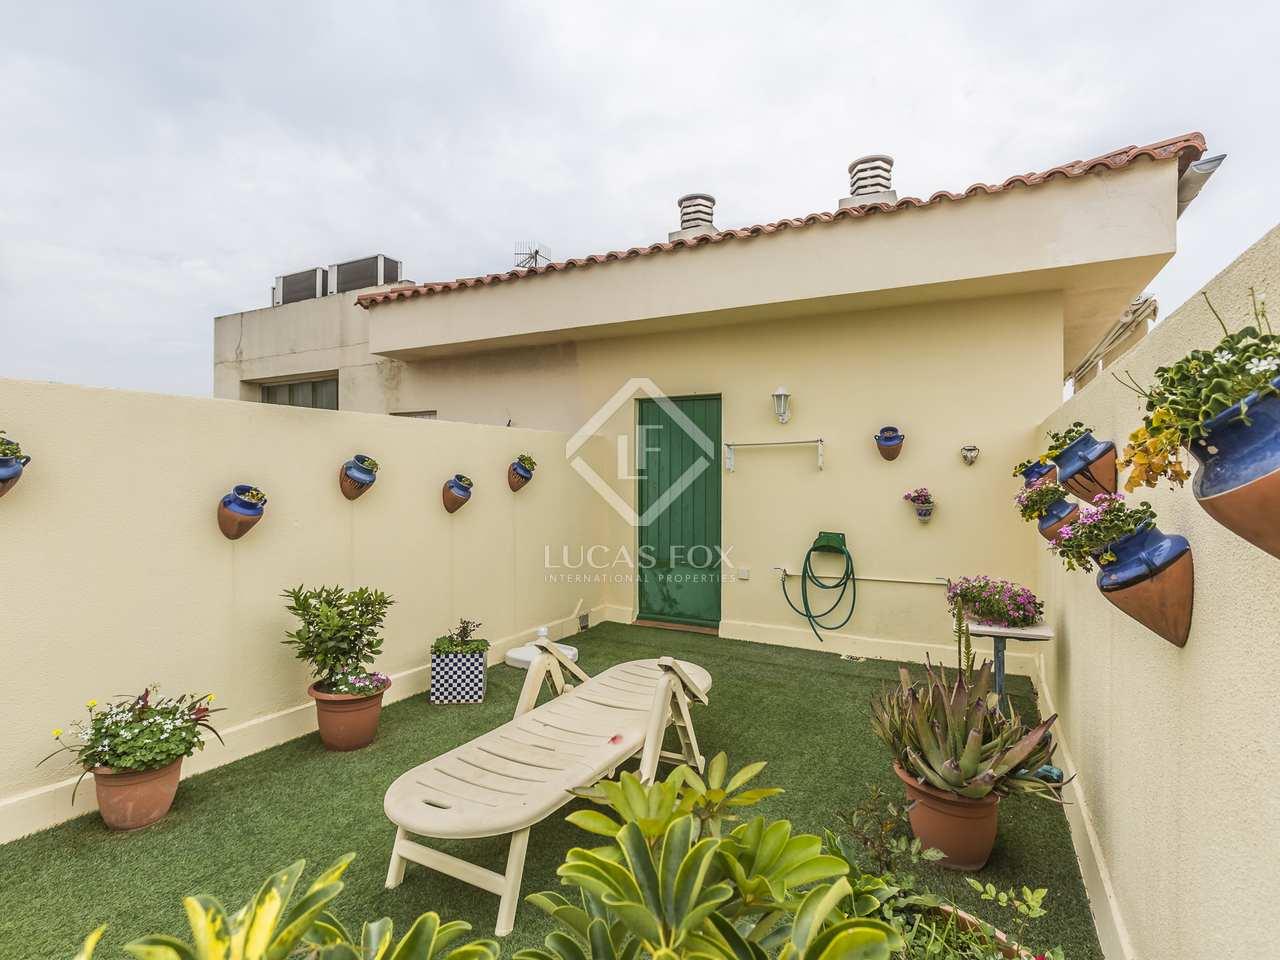 Piso de 207m en venta en vilanova i la geltr barcelona - Compartir piso vilanova i la geltru ...